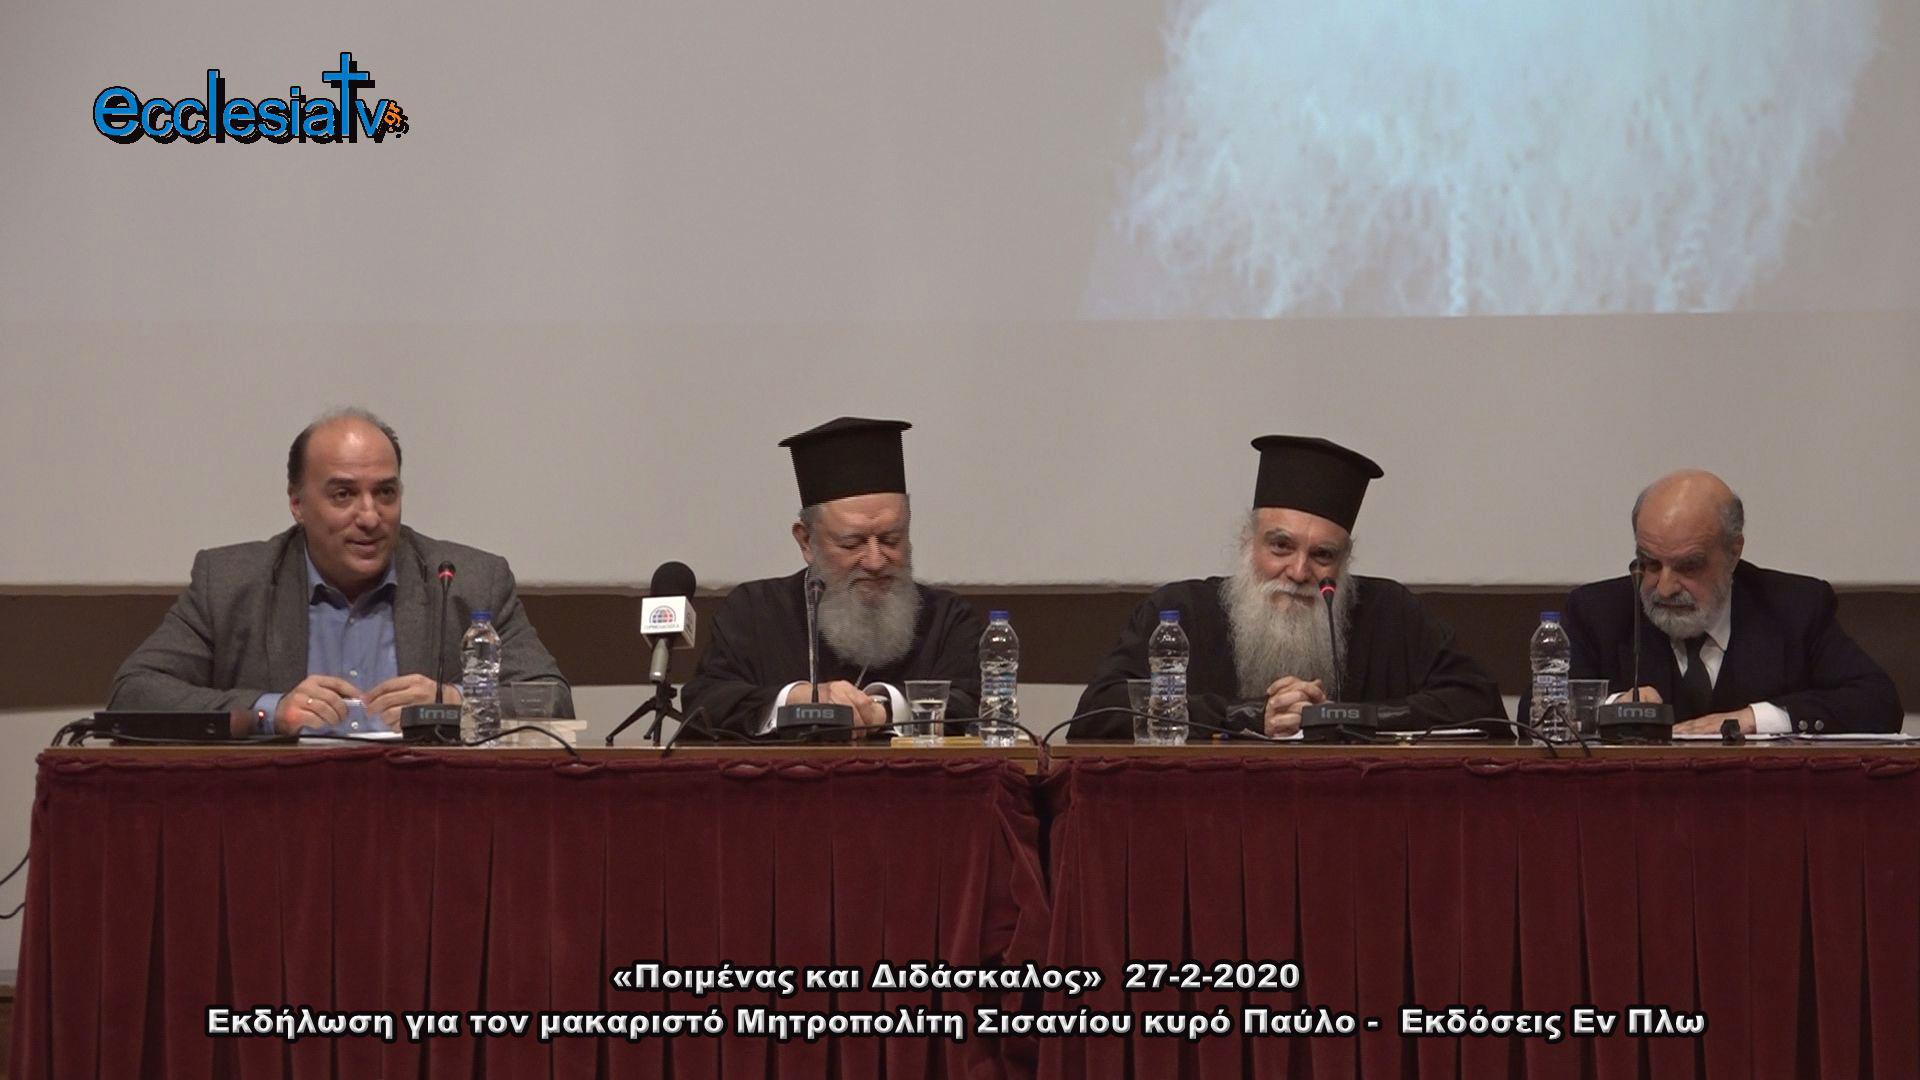 «Ποιμένας και Διδάσκαλος» - Εκδήλωση για τον μακαριστό Μητροπολίτη Σισανίου κυρό Παύλο 27-2-2020